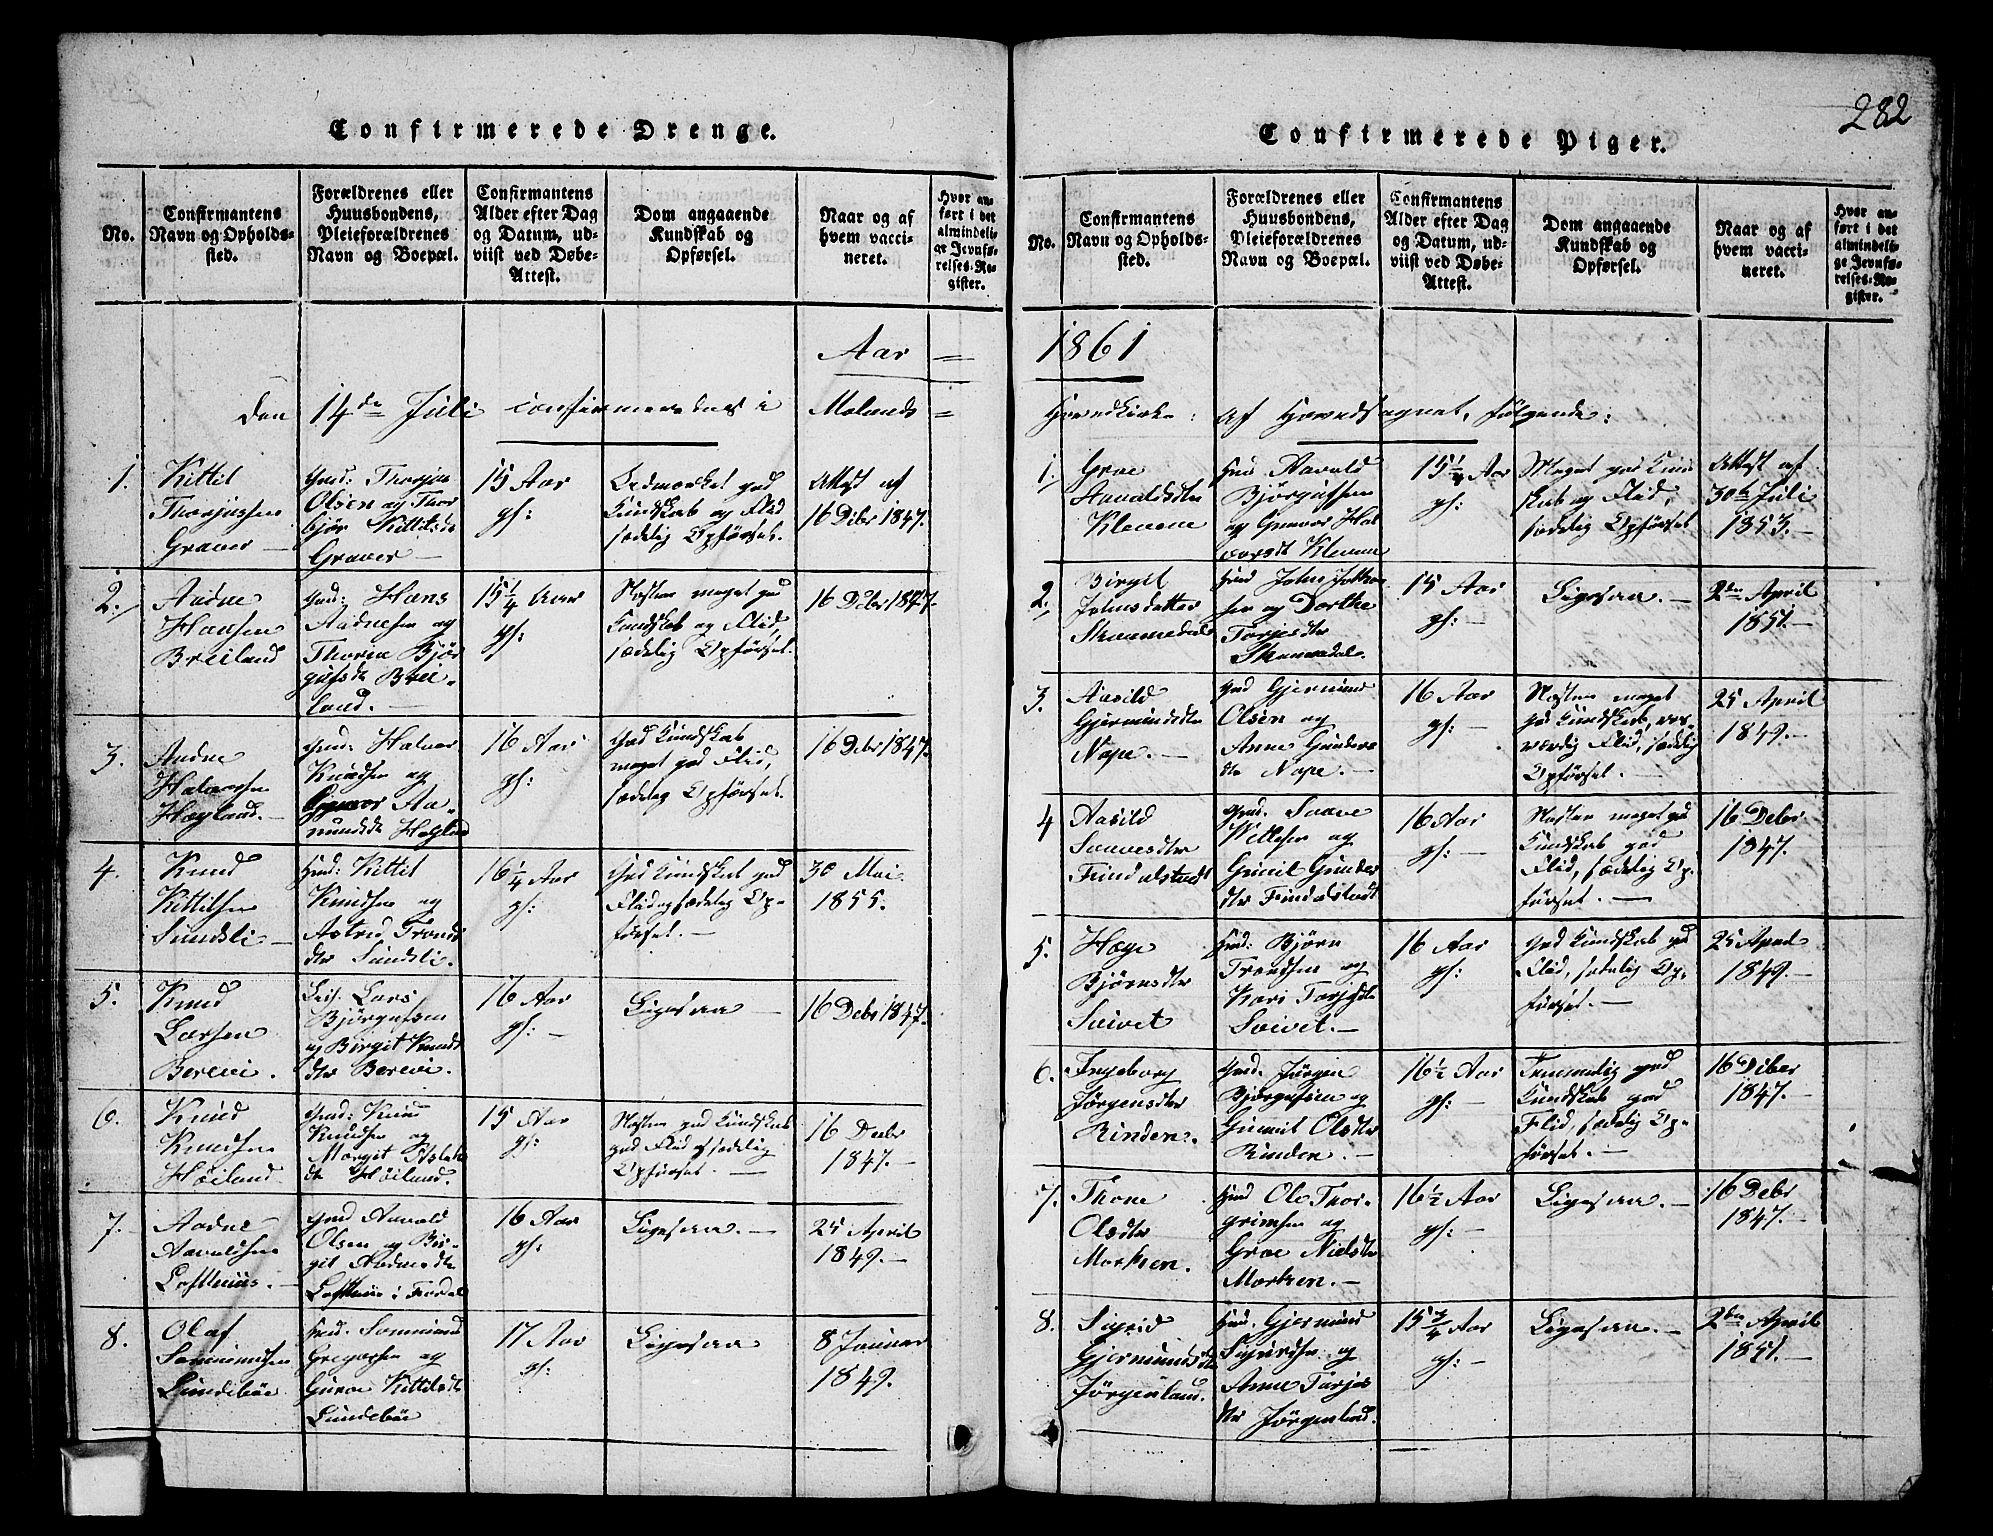 SAKO, Fyresdal kirkebøker, G/Ga/L0003: Klokkerbok nr. I 3, 1815-1863, s. 282